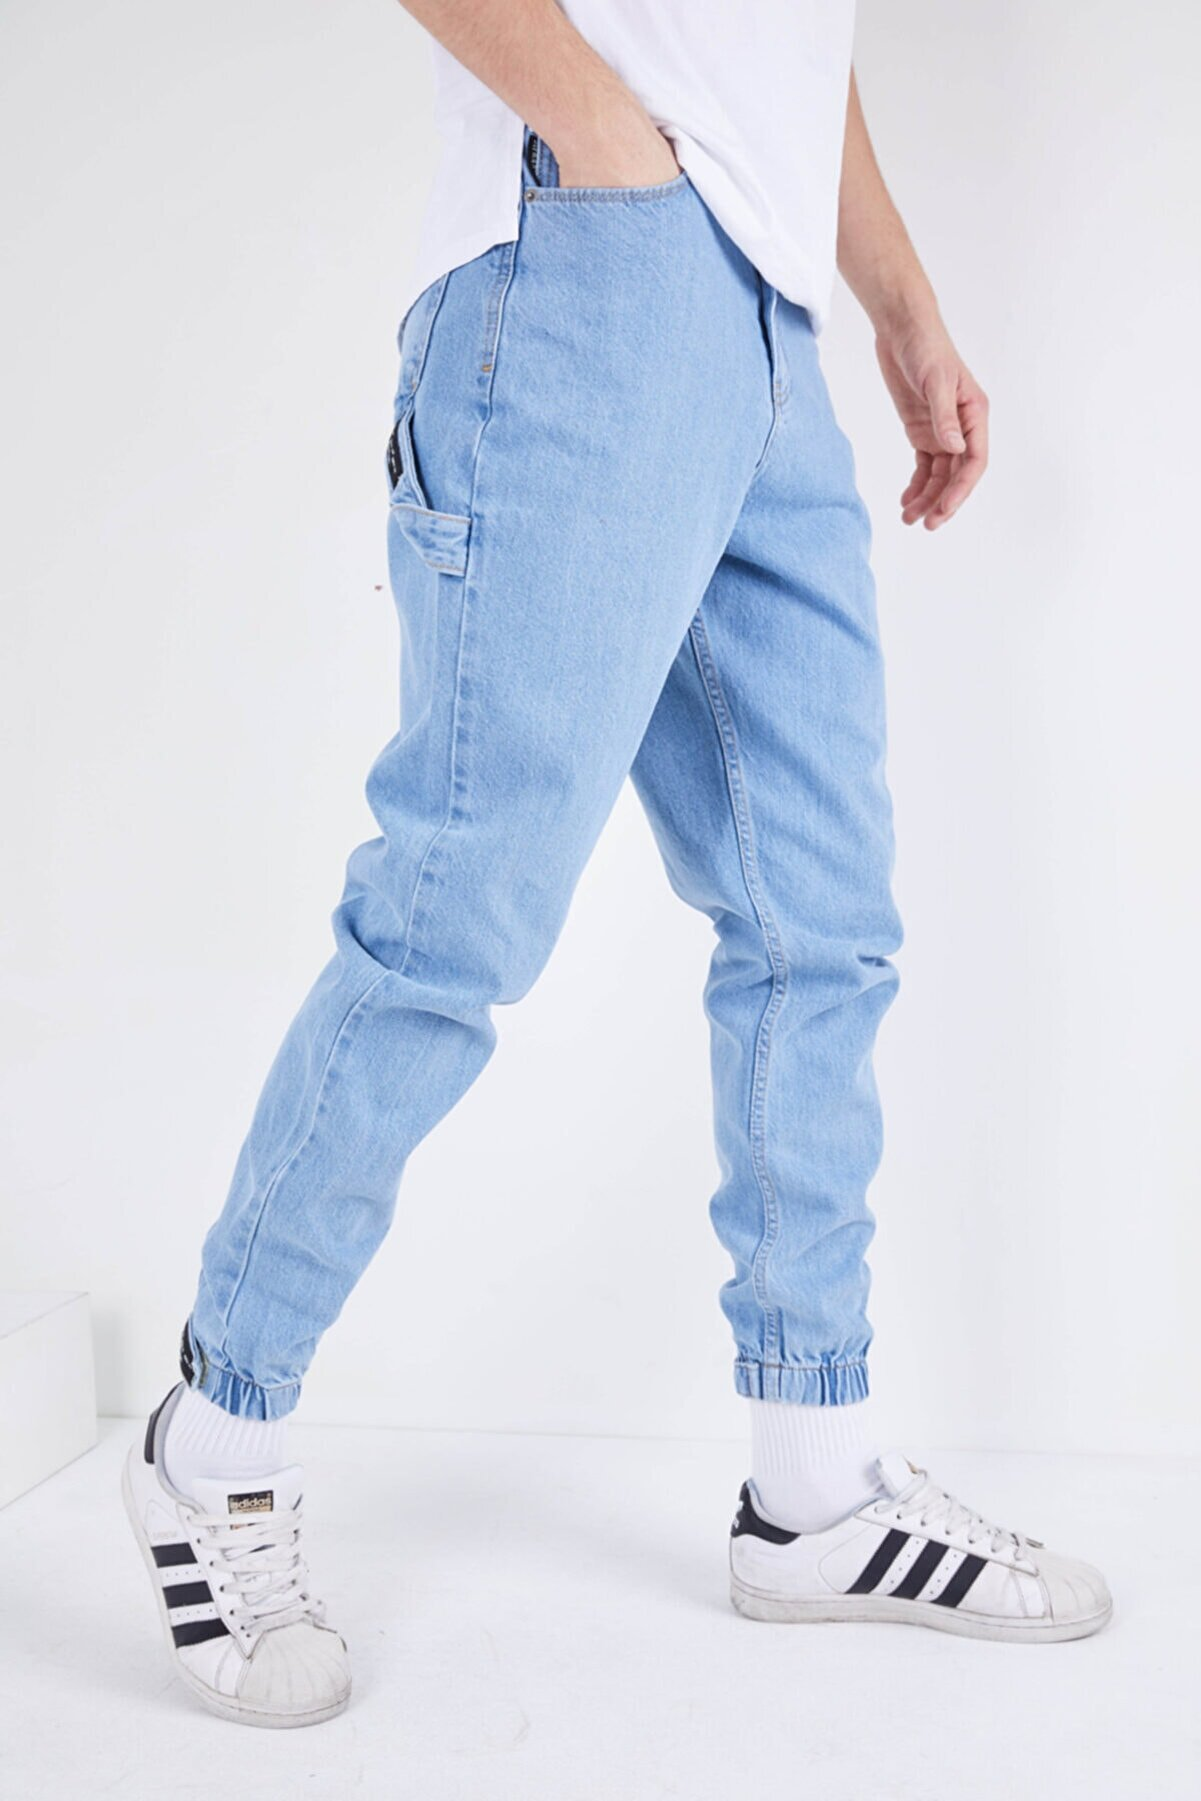 DİFRANSEL Erkek Açık Mavi Düz Paçası Lastikli Likrasız Kot Pantolon